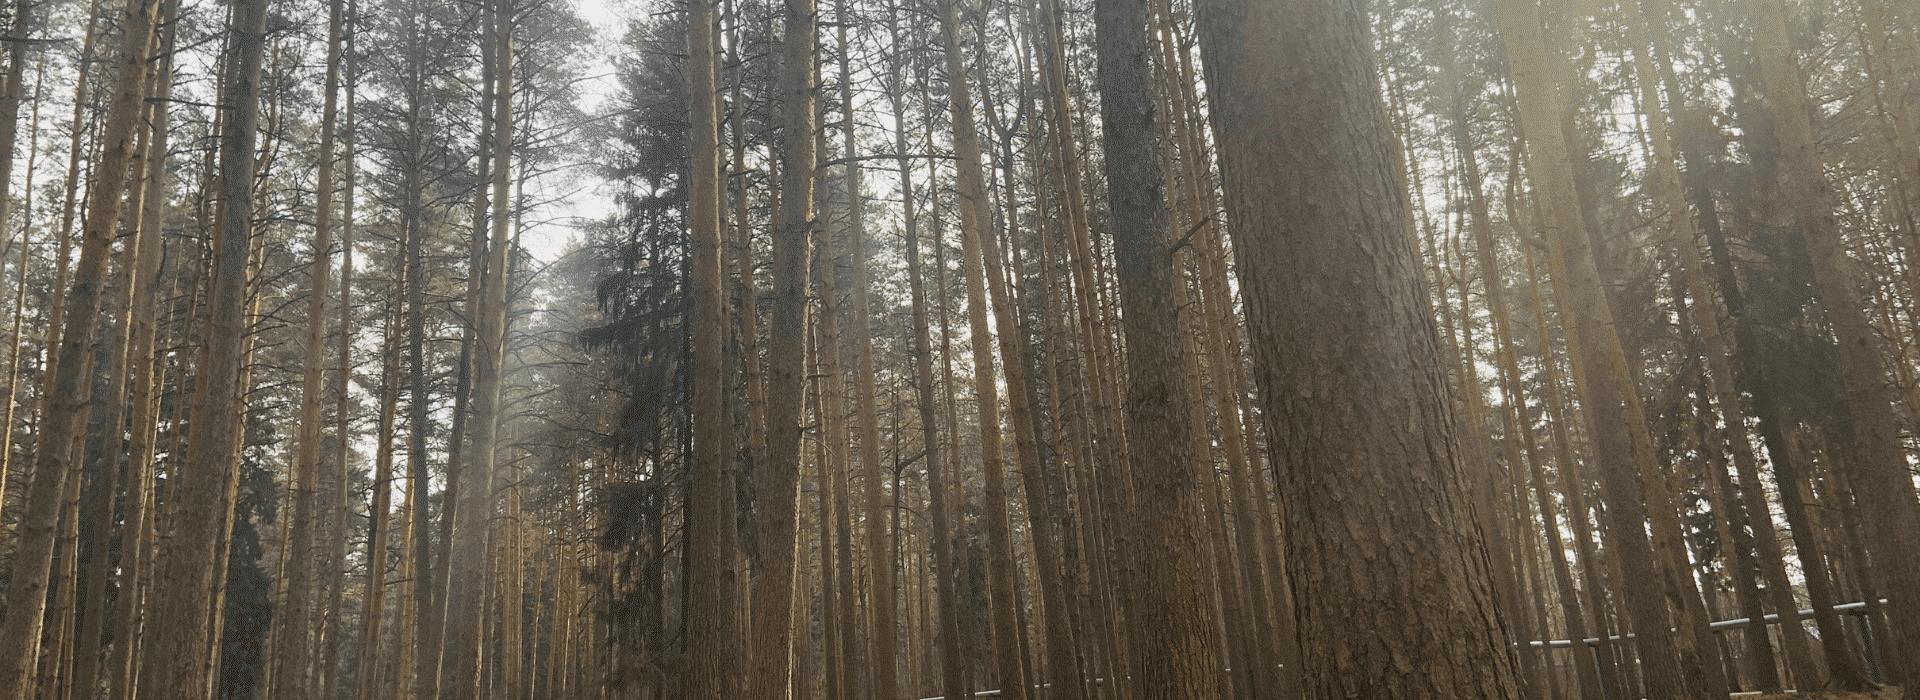 Площадь леса в мире